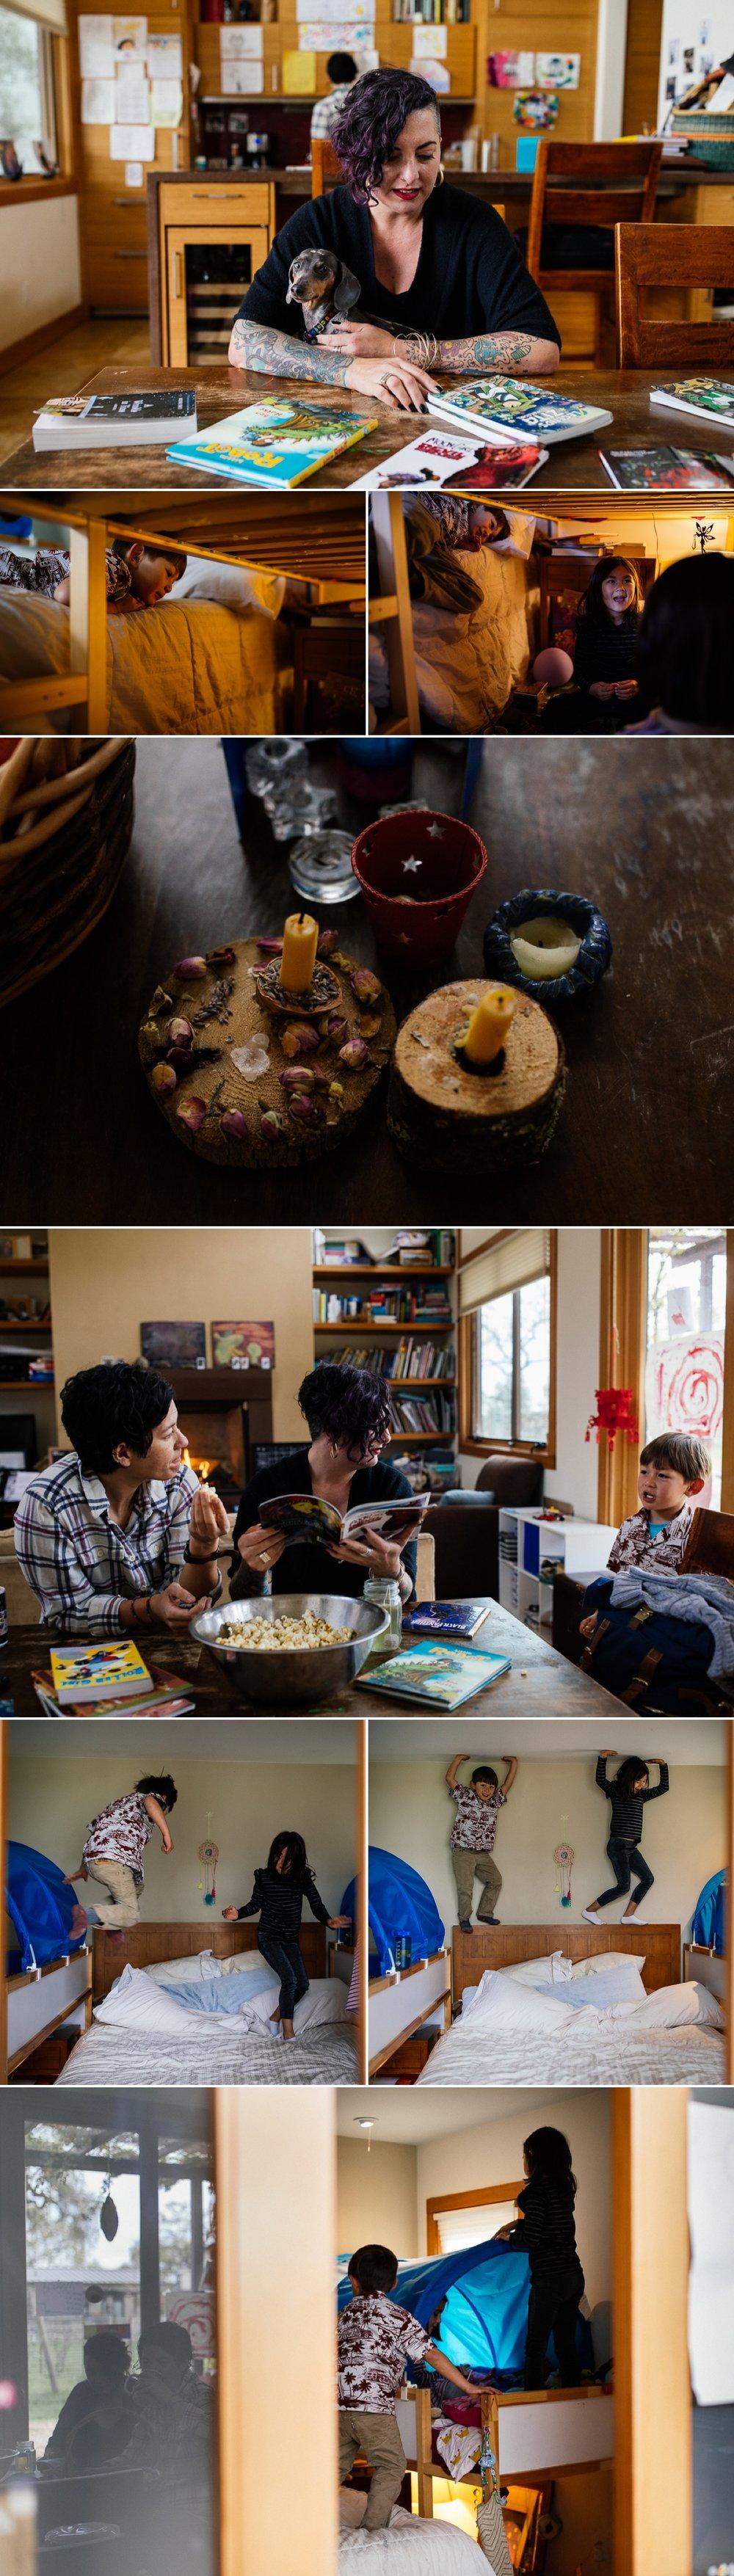 bay area family documentary photographer.jpg